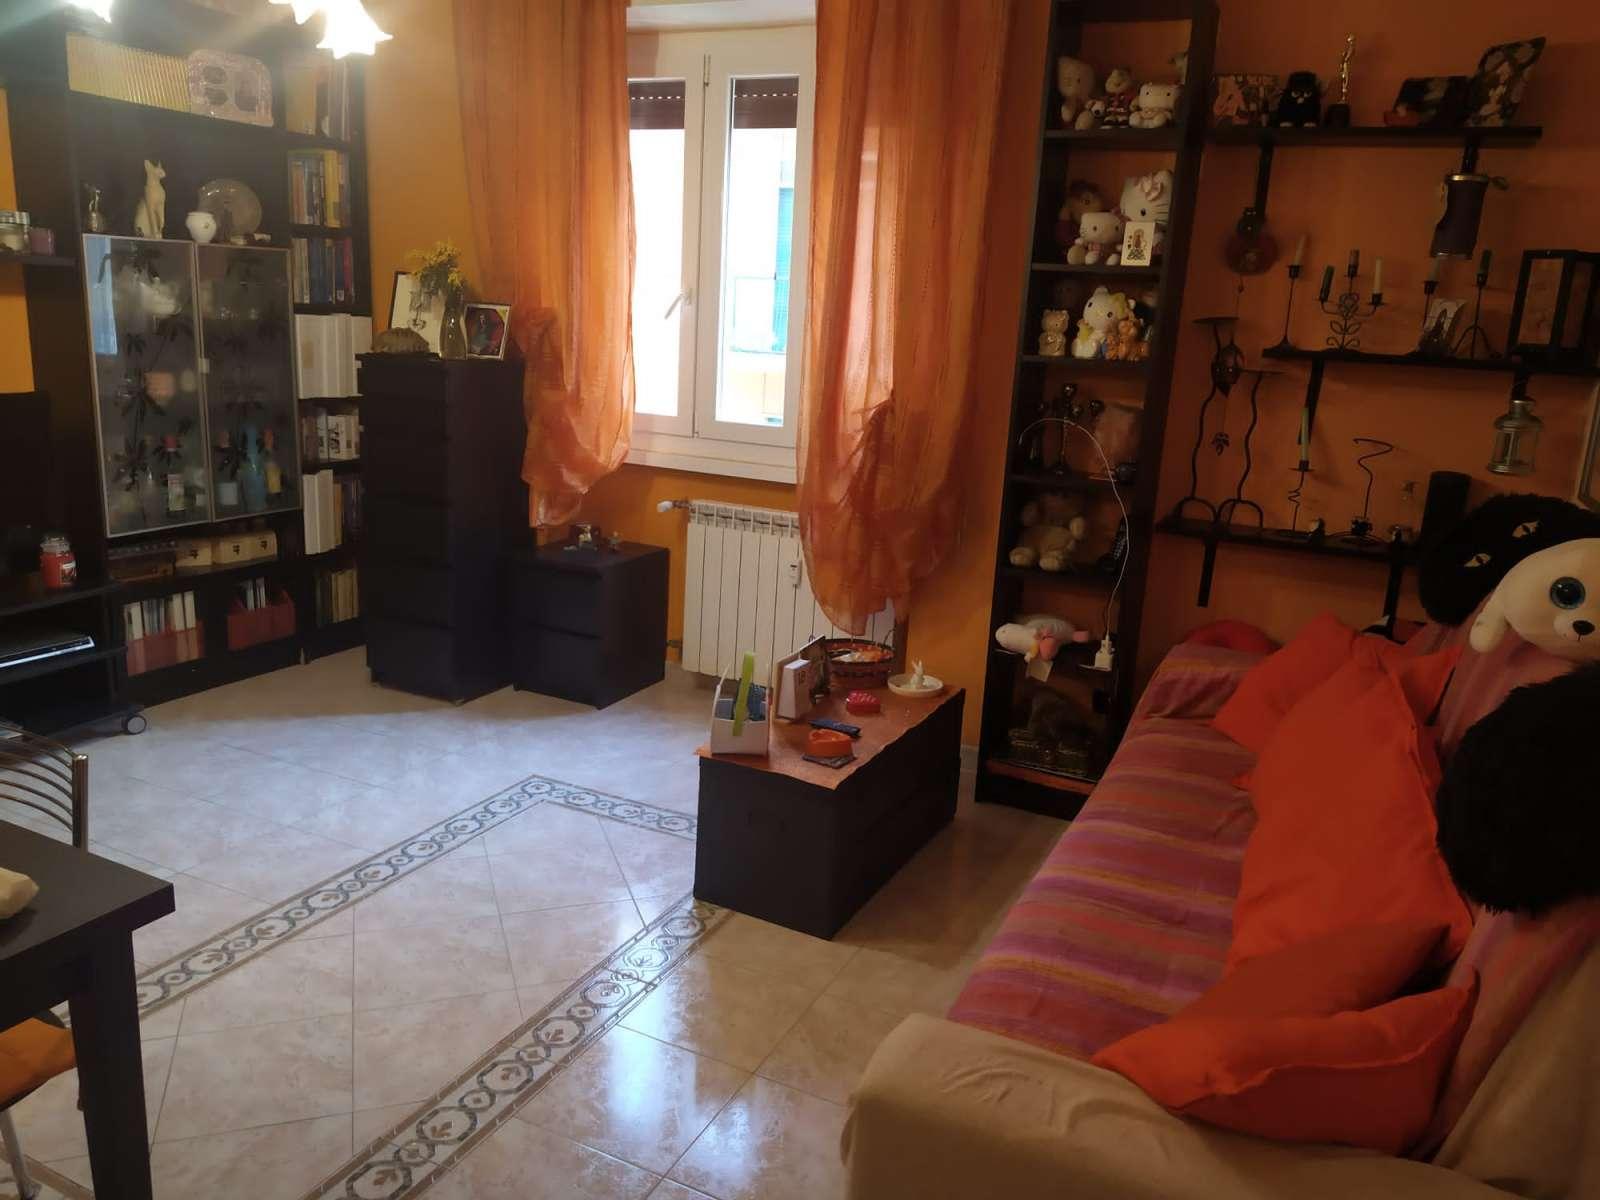 appartamento-bilocale-in-vendita-a-corsico-spaziourbano-immobiliare-vende-17